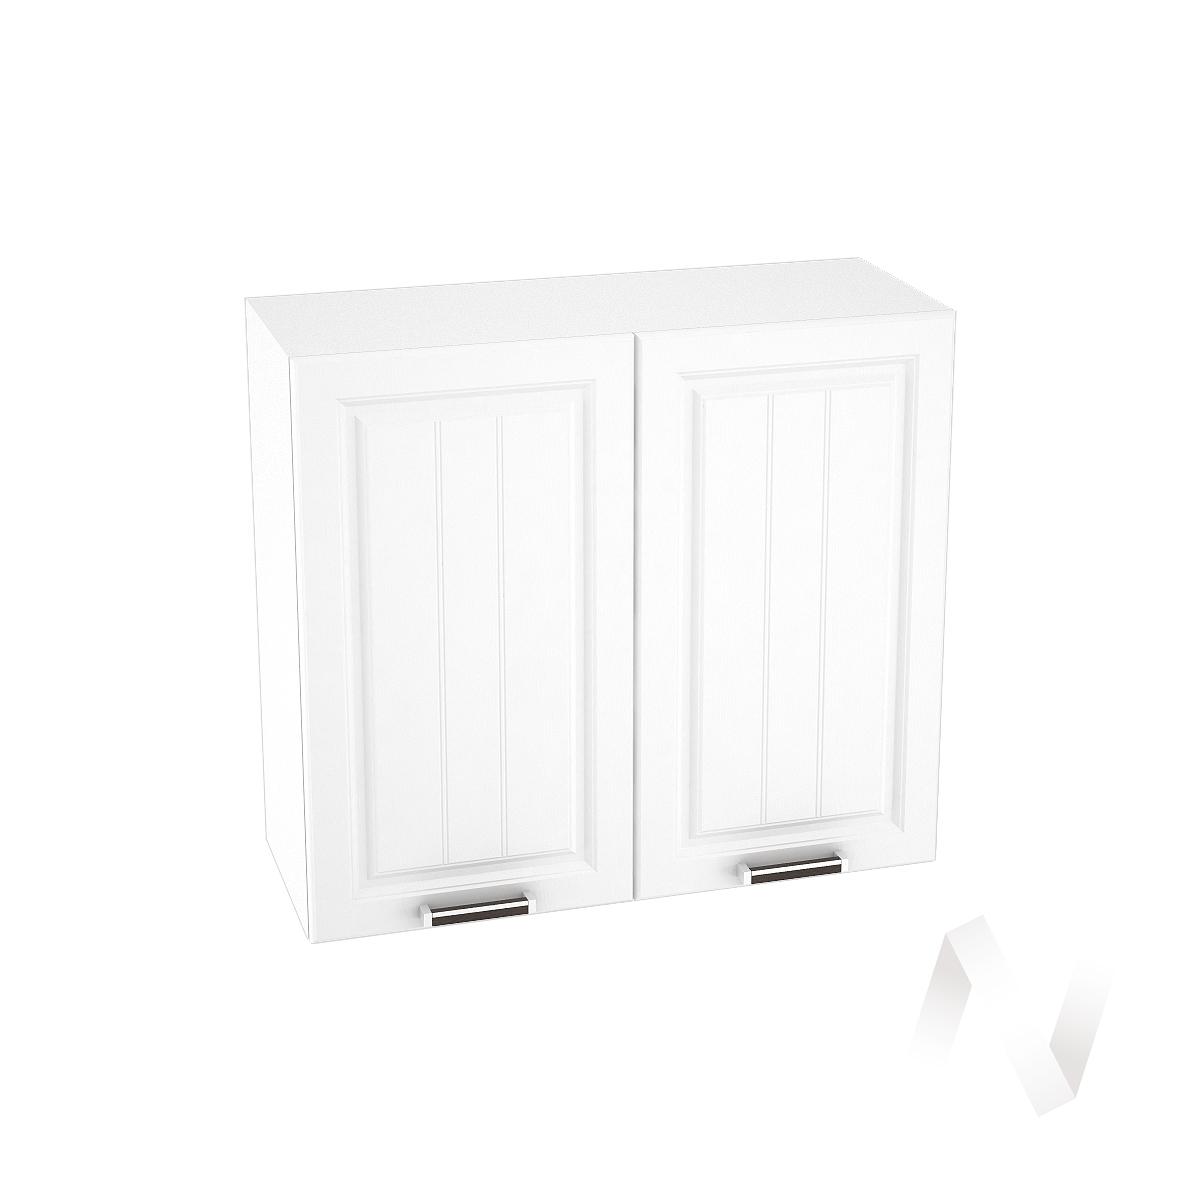 """Кухня """"Прага"""": Шкаф верхний 800, ШВ 800 новый (белое дерево/корпус белый)"""